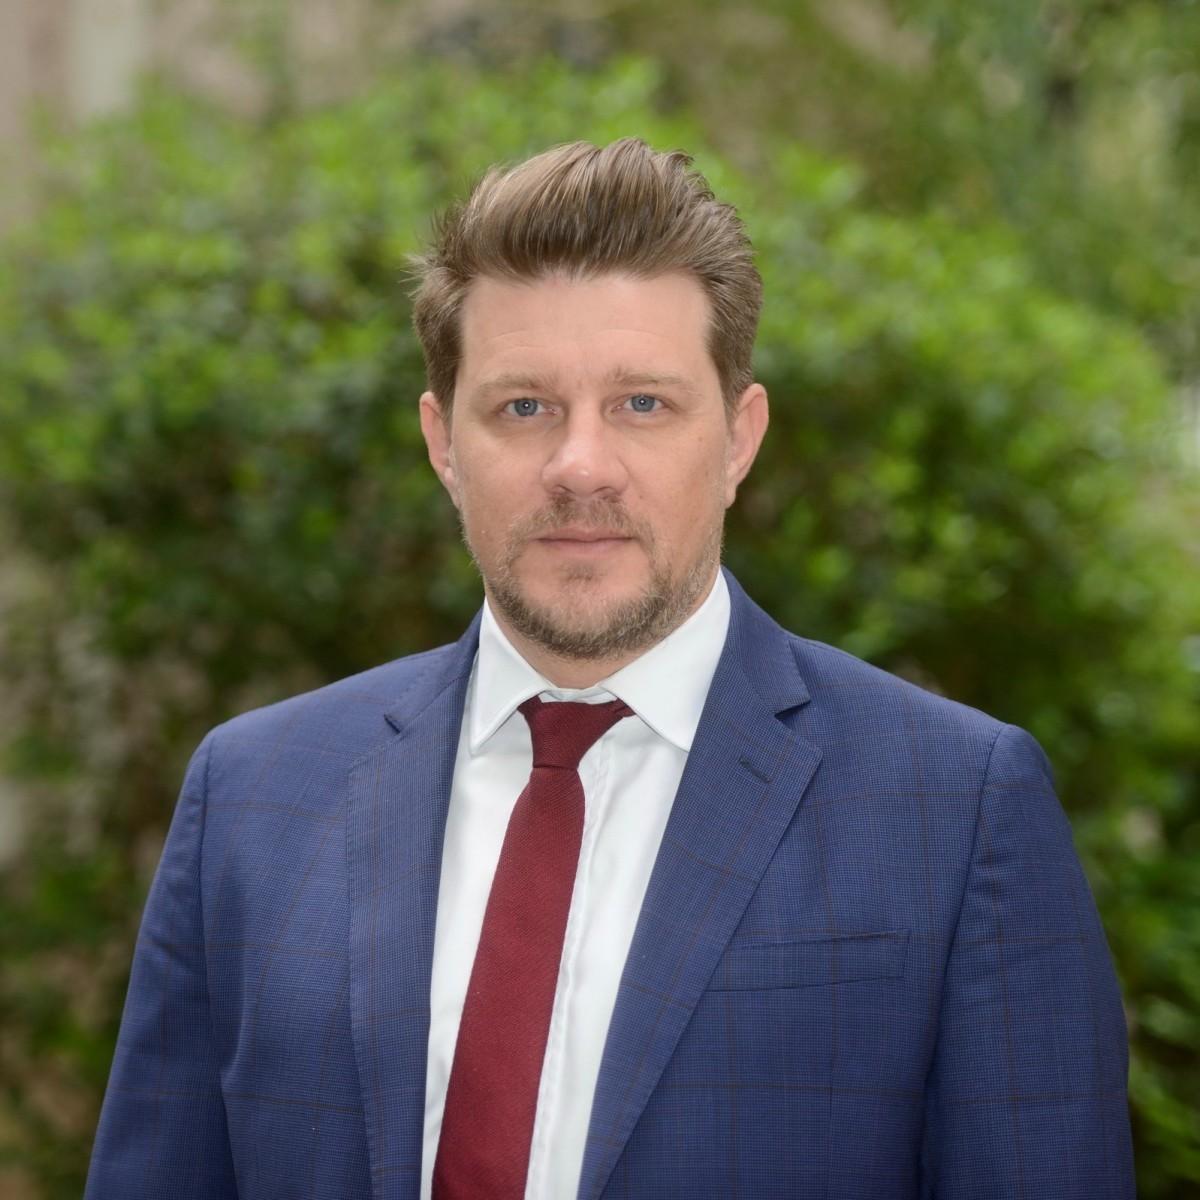 Αλέξανδρος Χατζόπουλος